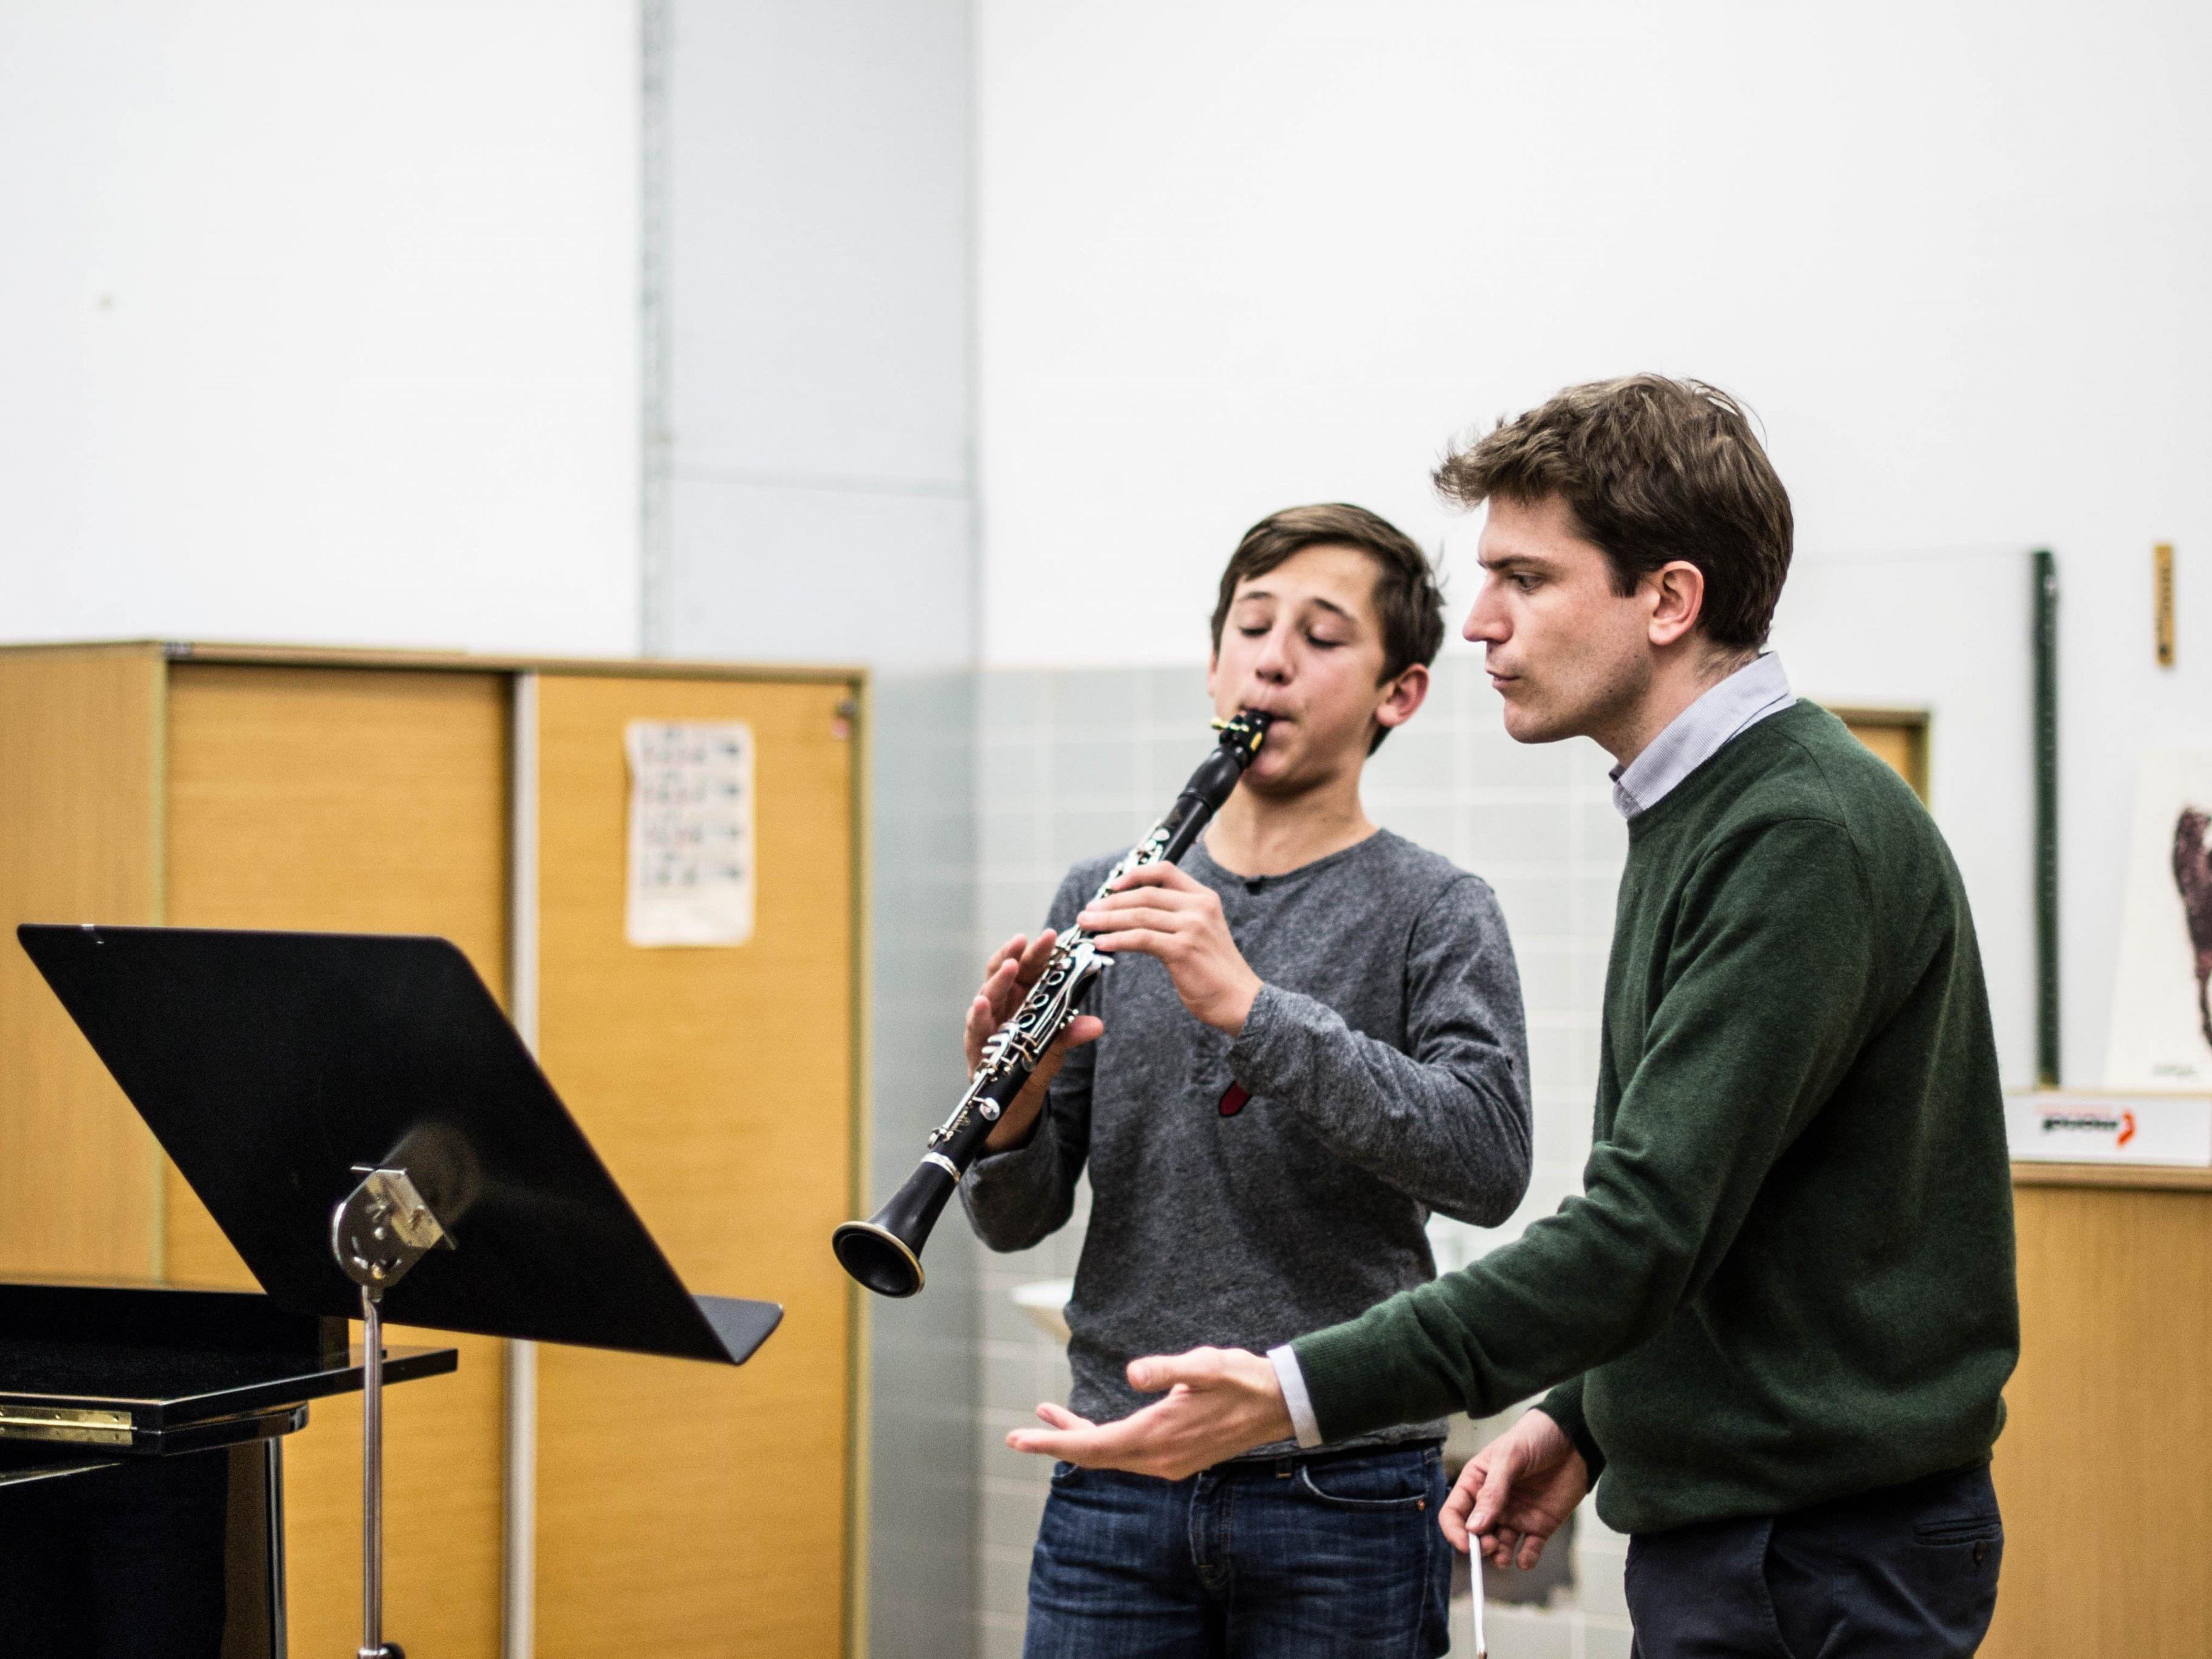 Aufnahmeprüfungen für ein Studium am Vorarlberger Landeskonservatorium: 6.-10. Februar 2017, Anmeldeschluss ist 15.12.2016.